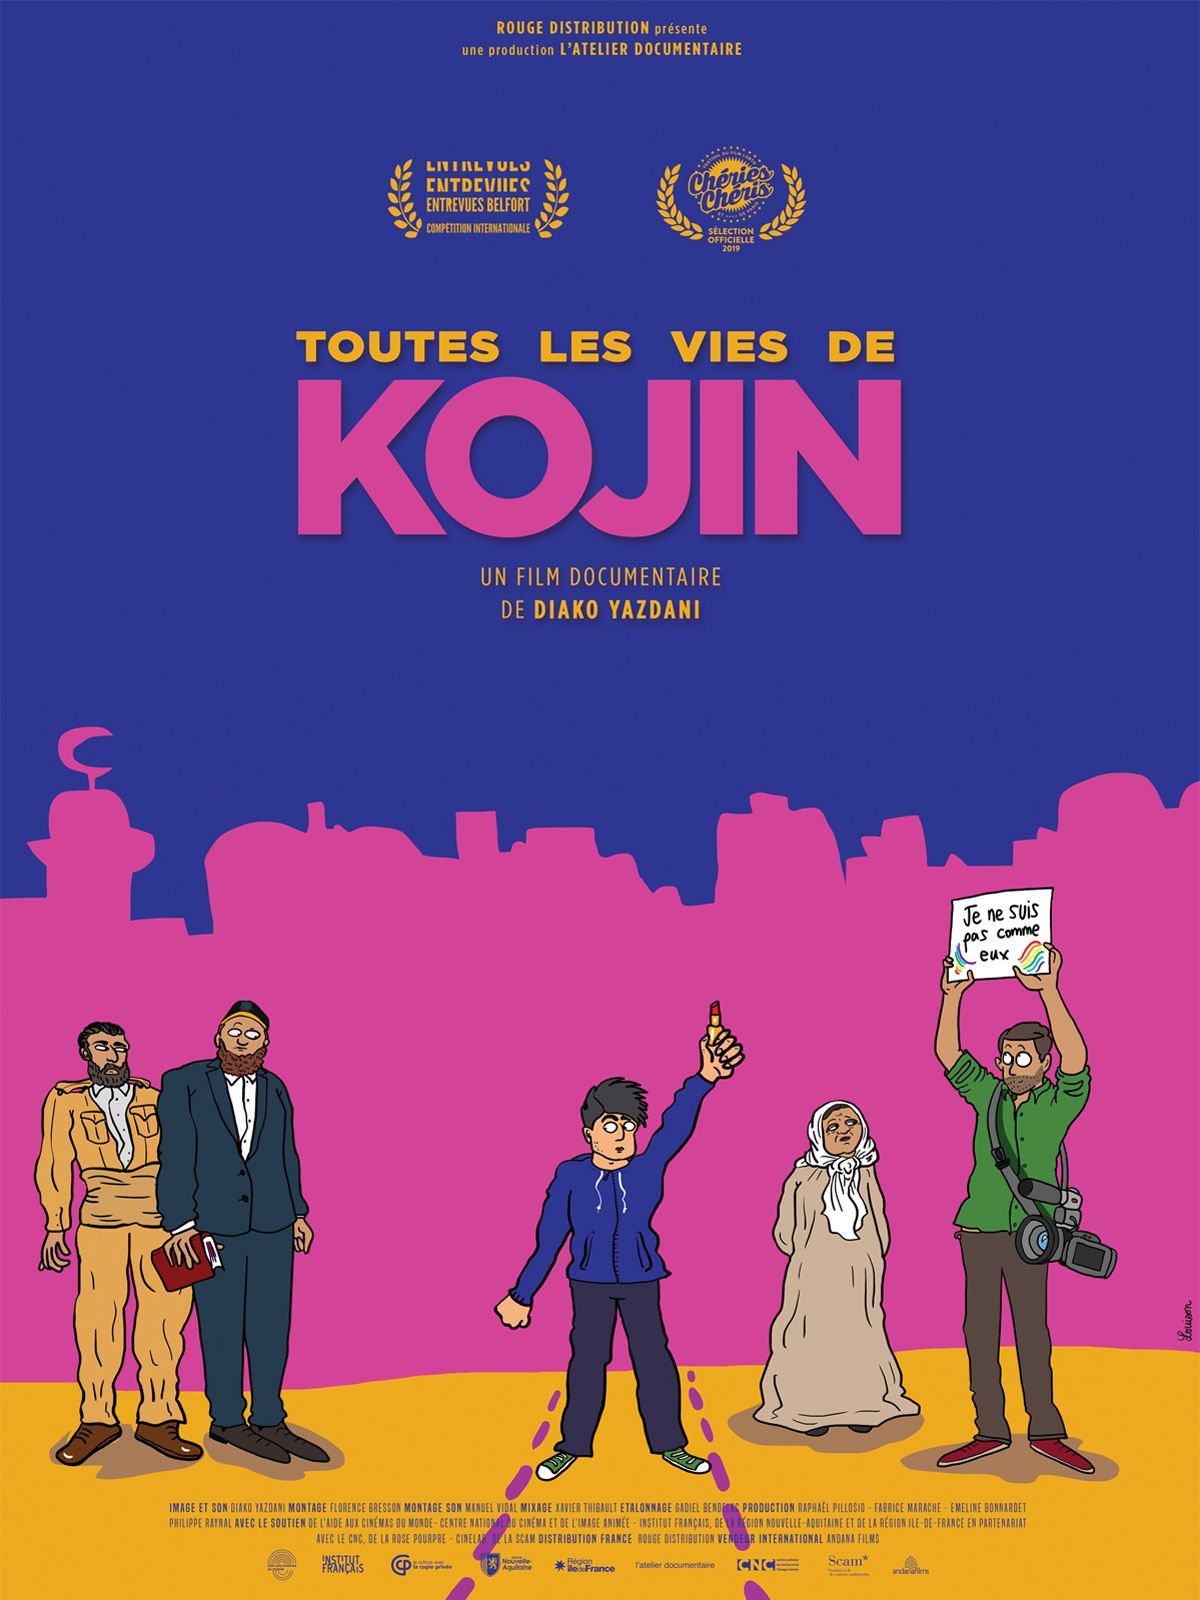 Toutes les vies de Kojin - Documentaire (2020)